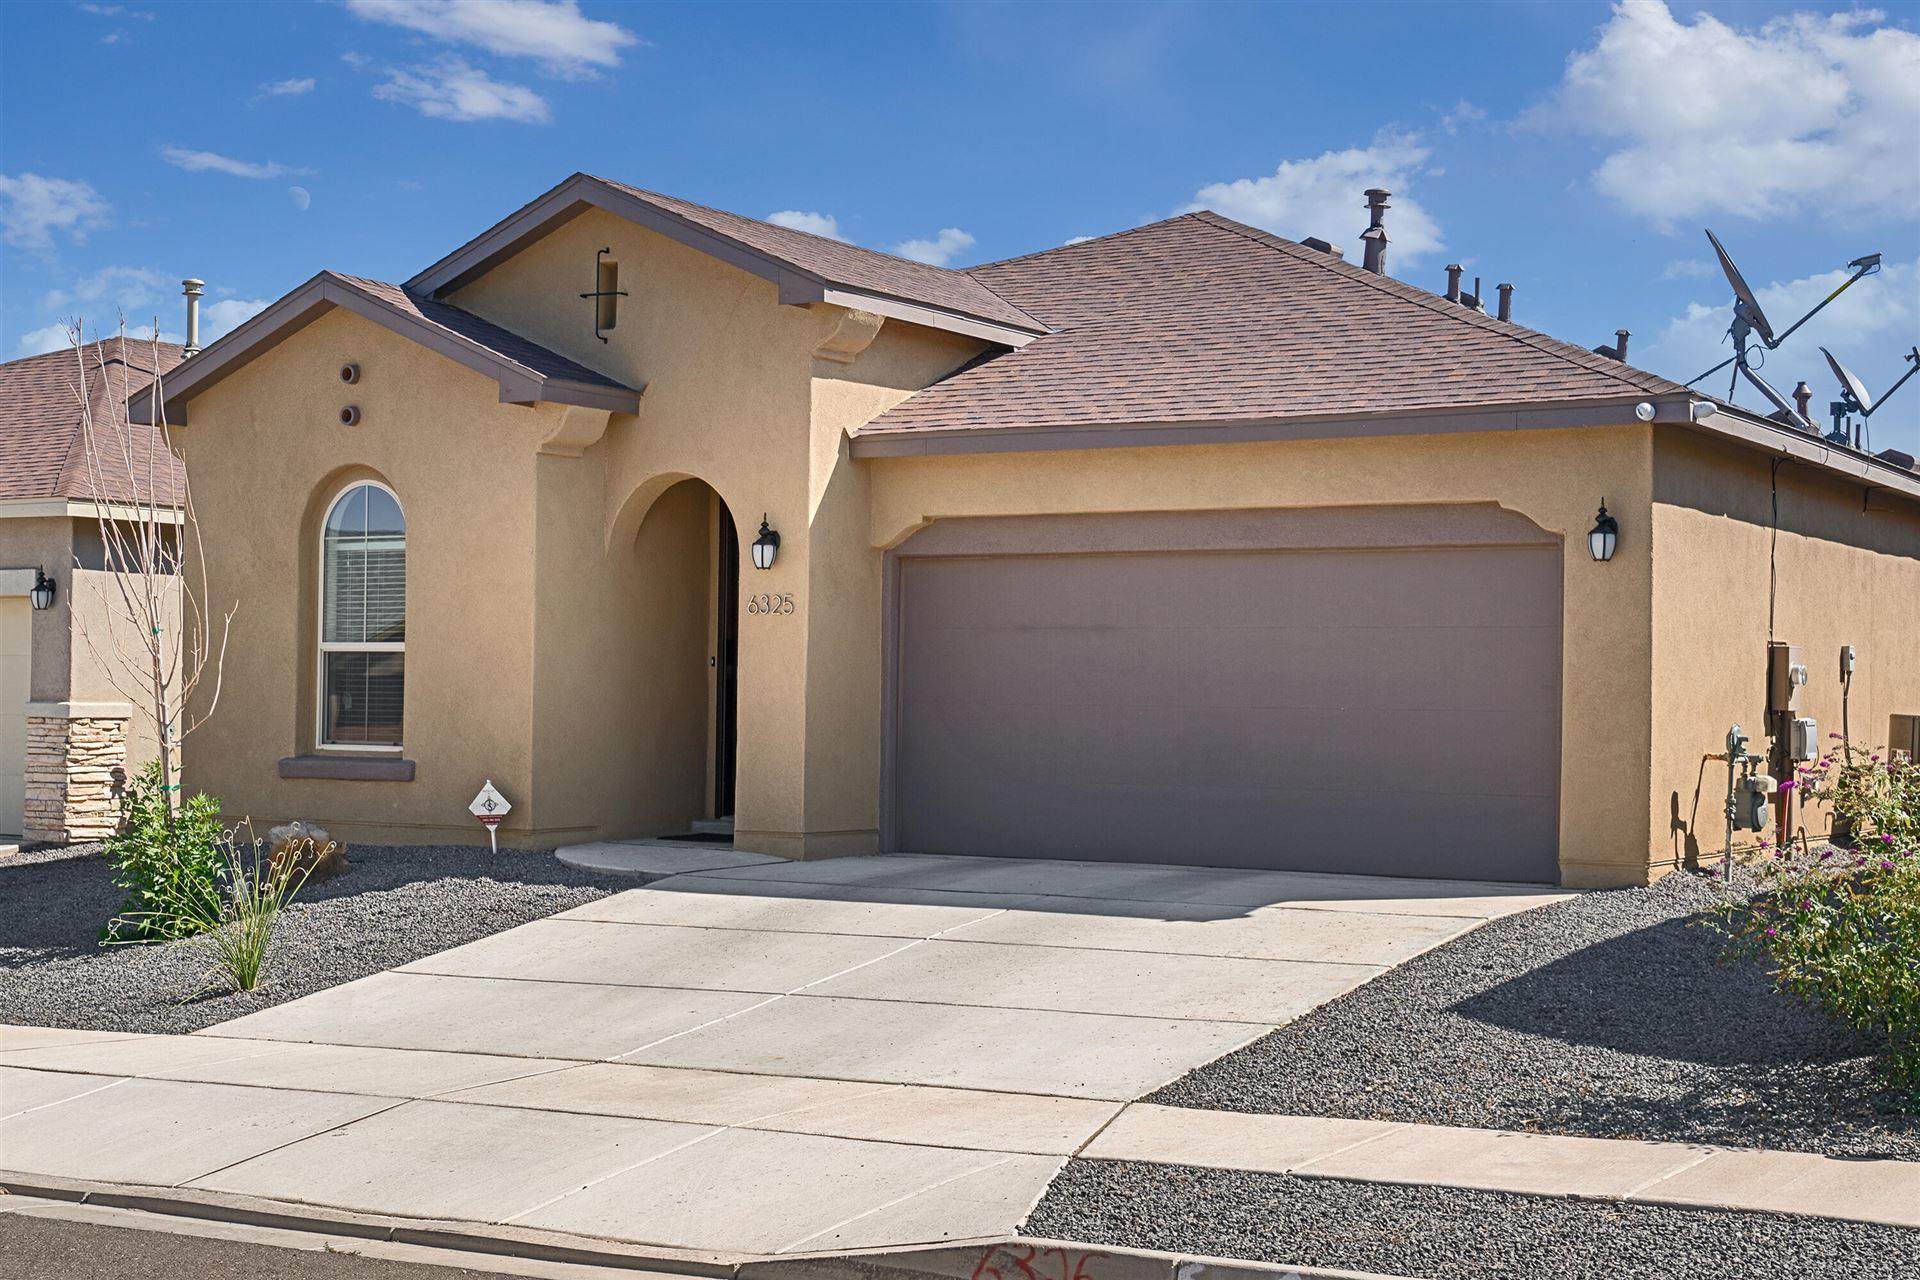 6325 kestrel drive Drive NE, Rio Rancho, NM 87144 - #: 1001379